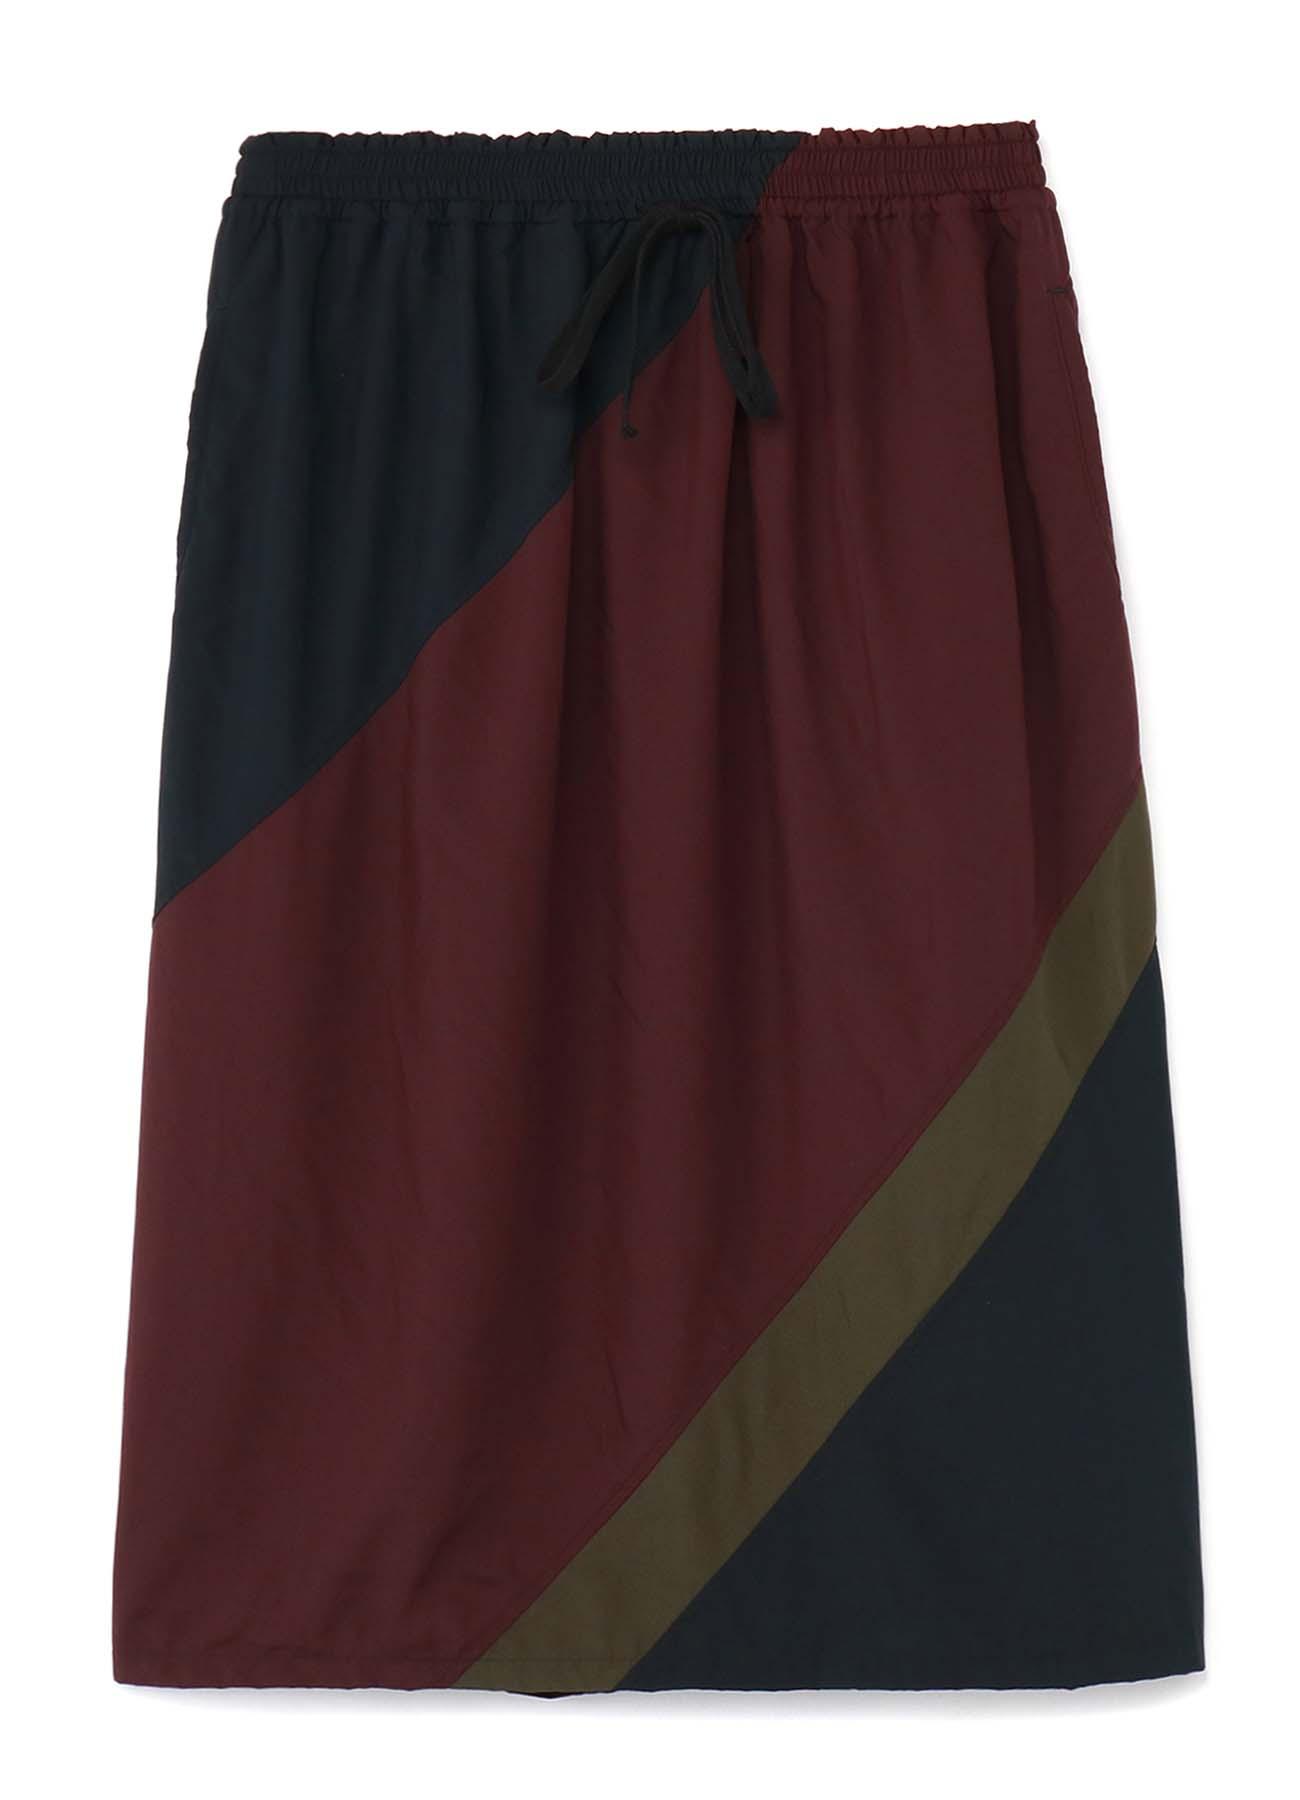 Garment Dye Waist String Skirt